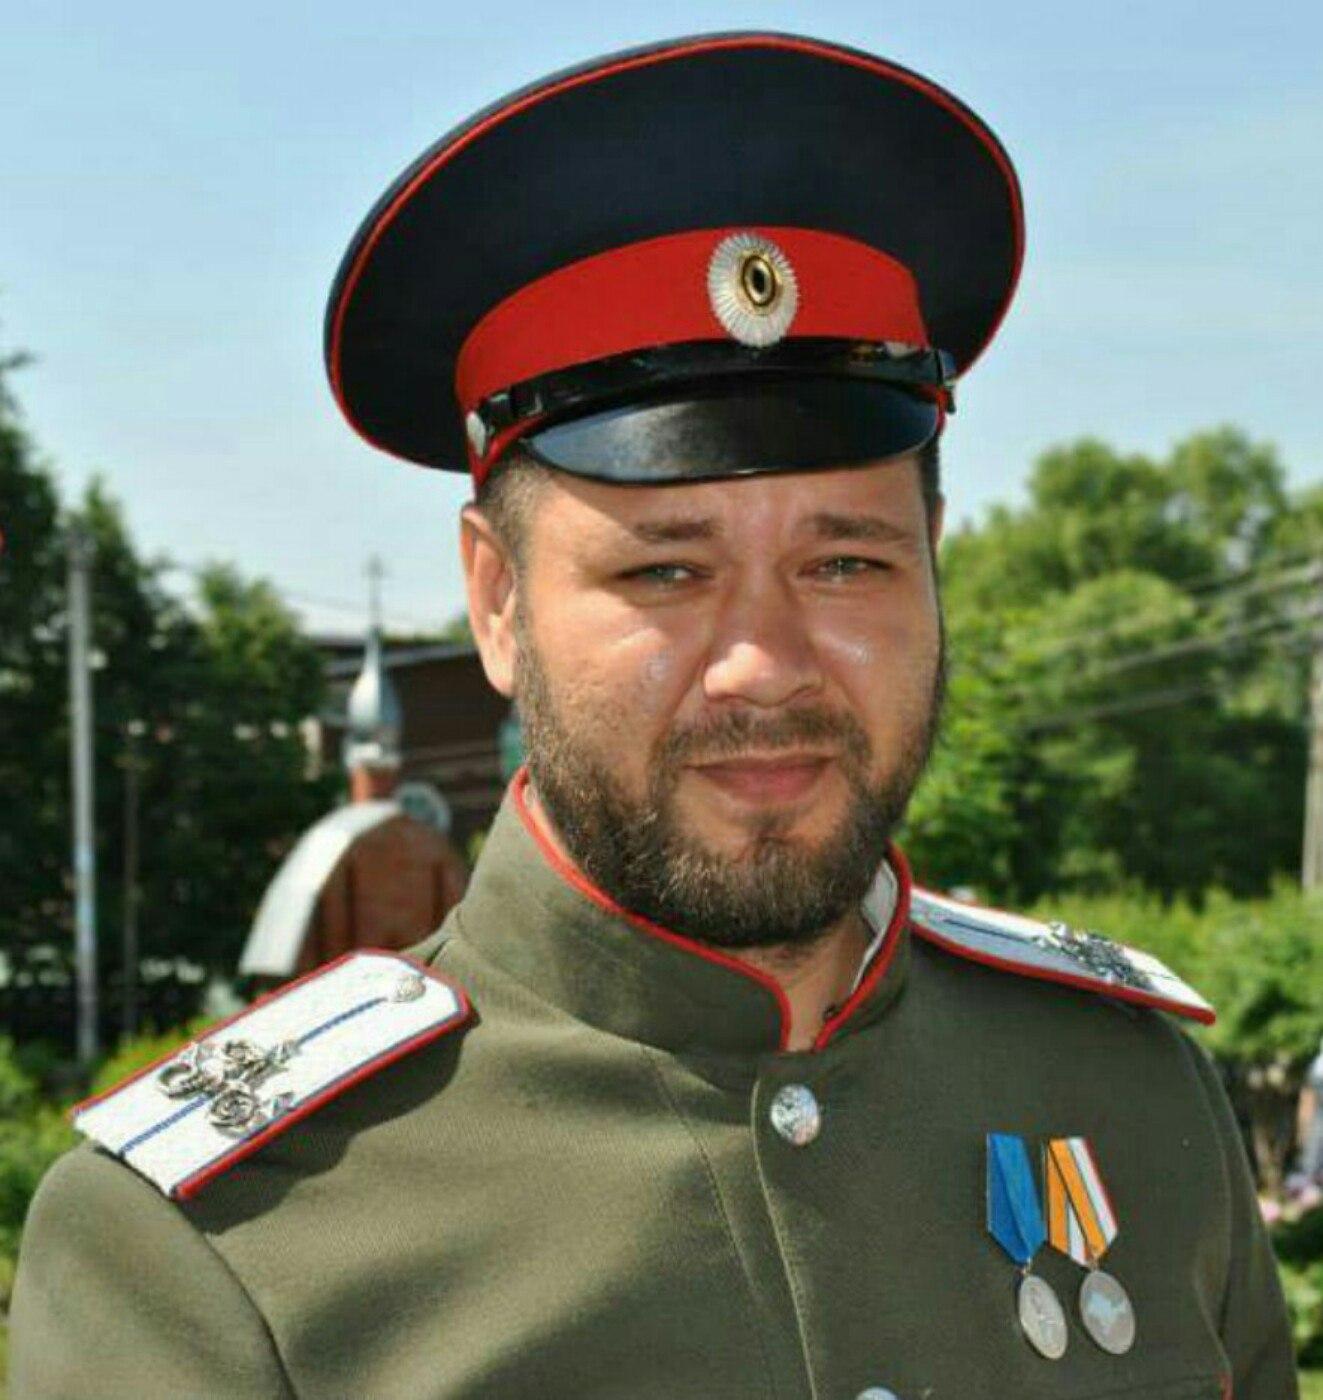 Собянинские казаки. Полковник ФСБ, торгующий косметикой, и другие ряженые провокаторы